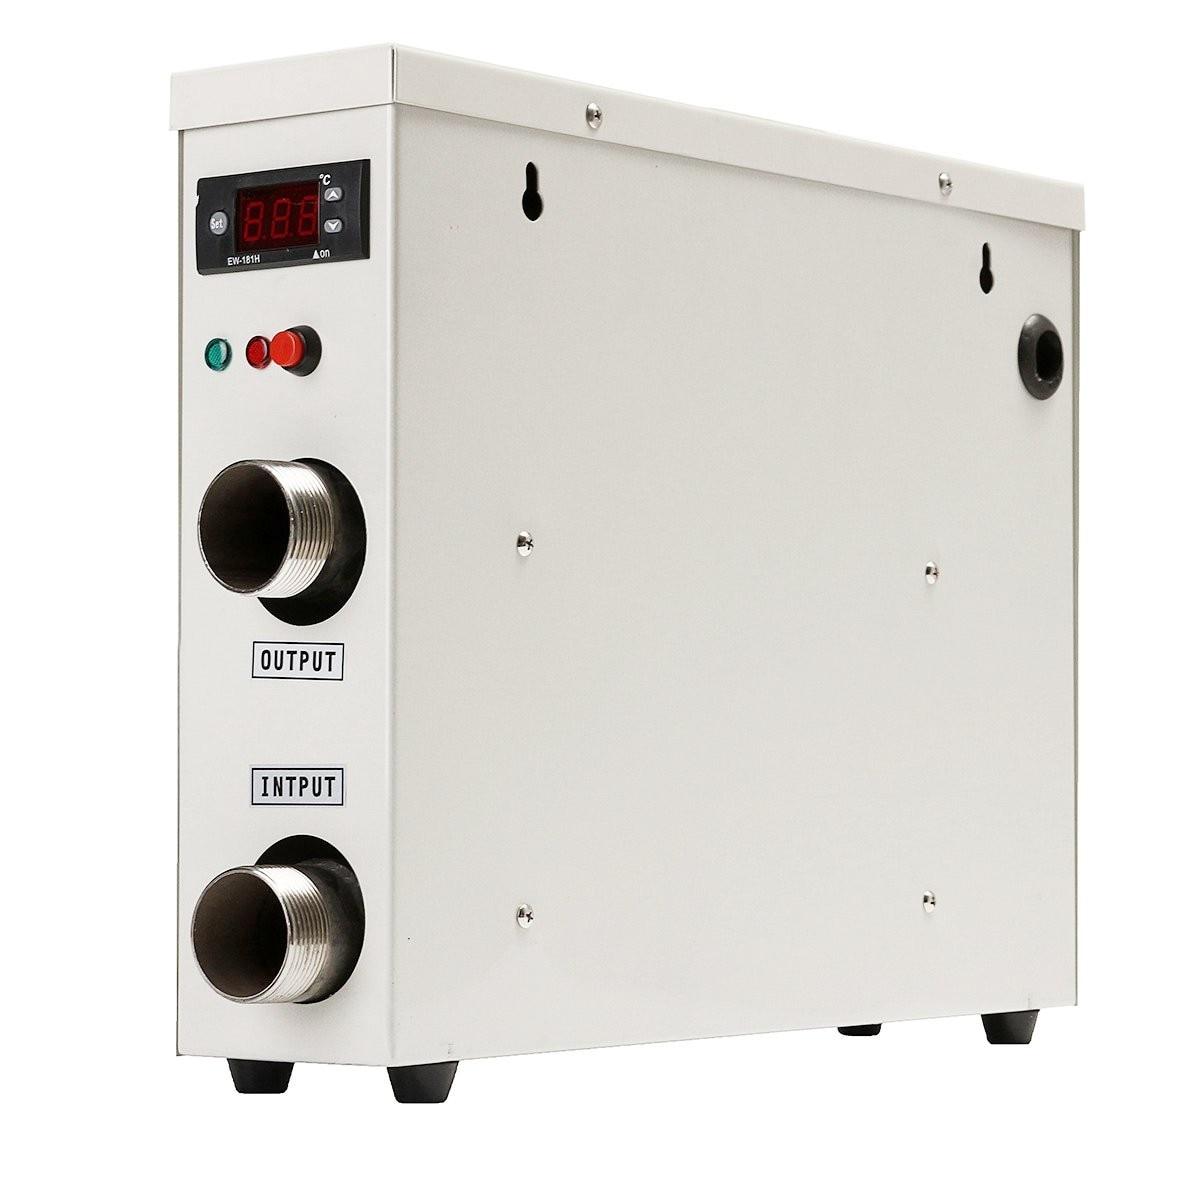 سخان مياه كهربائي رقمي 11KW 220V ، ترموستات لحمام السباحة ، المنتجع الصحي ، حوض الاستحمام الساخن ، الماء الساخن